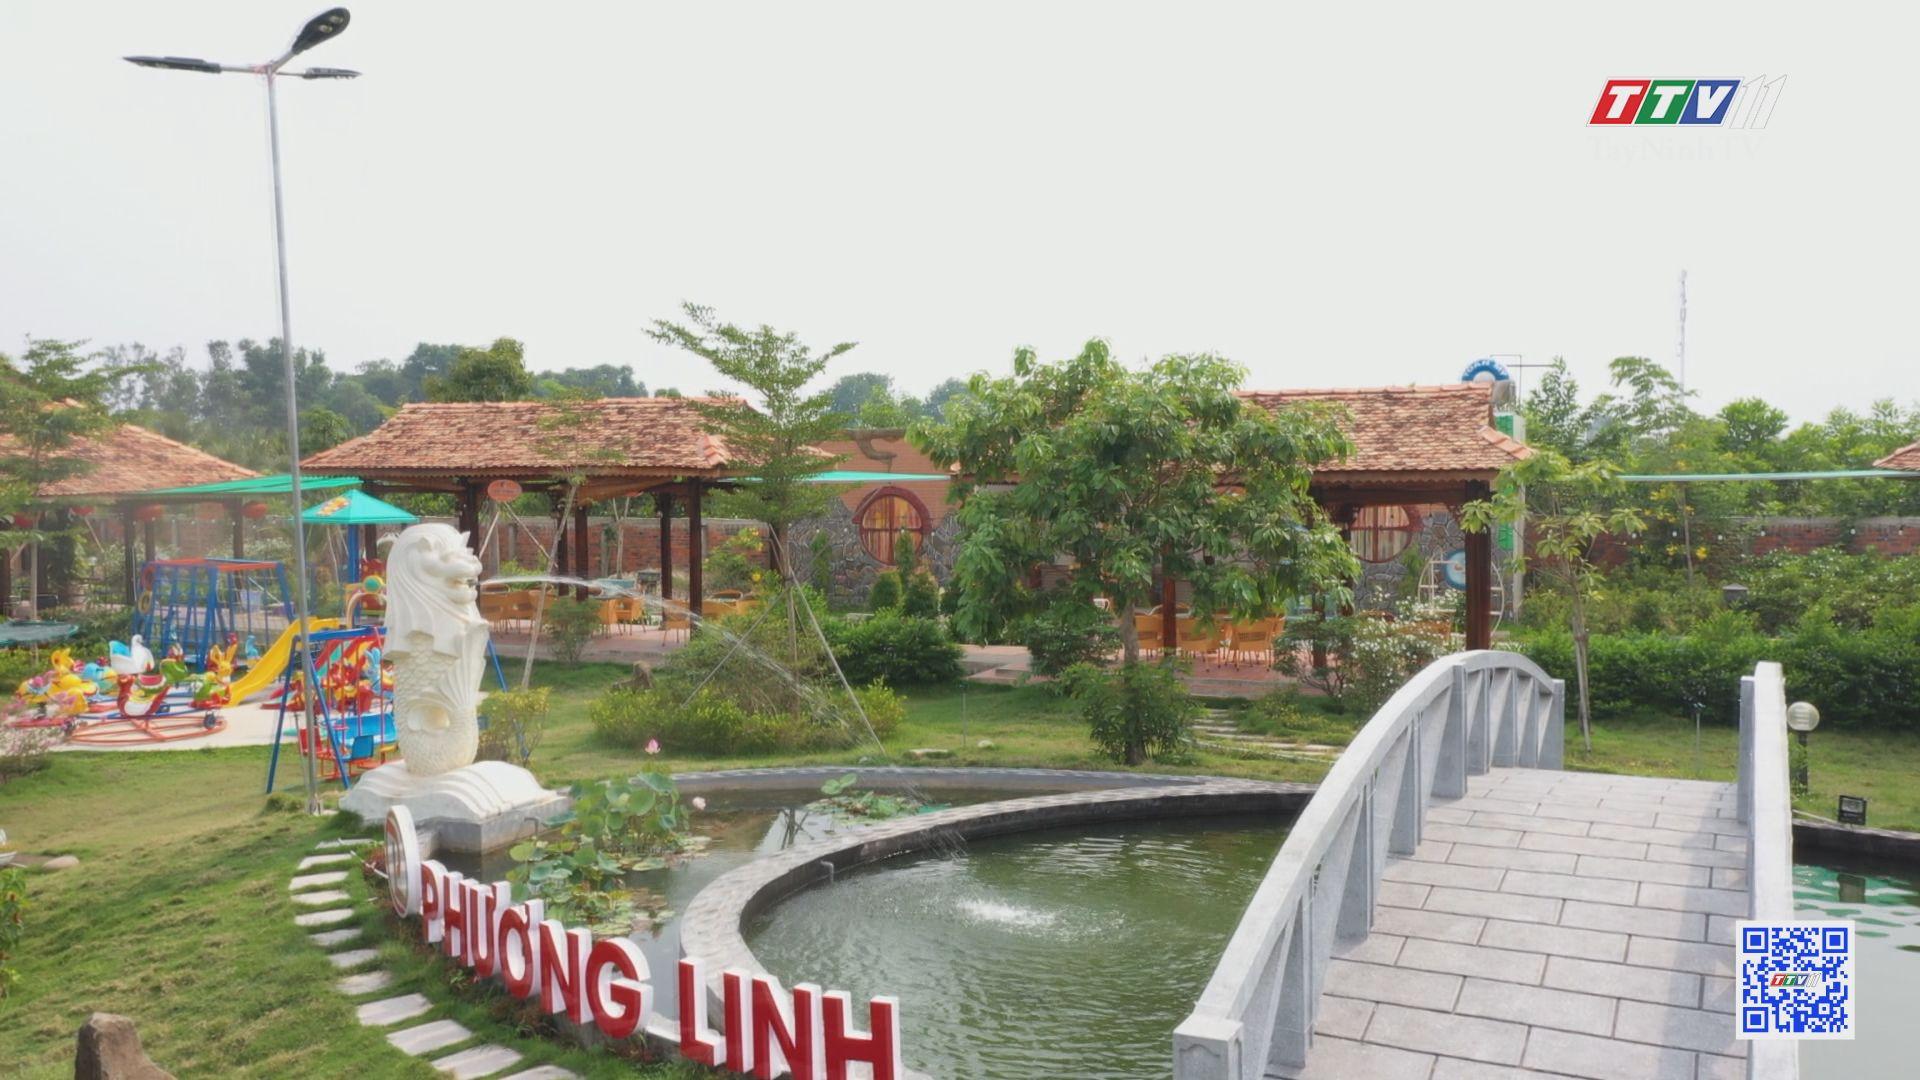 Đi, về nhớ ghé Phương Linh Garden | ẤN TƯỢNG TÂY NINH | TayNinhTV